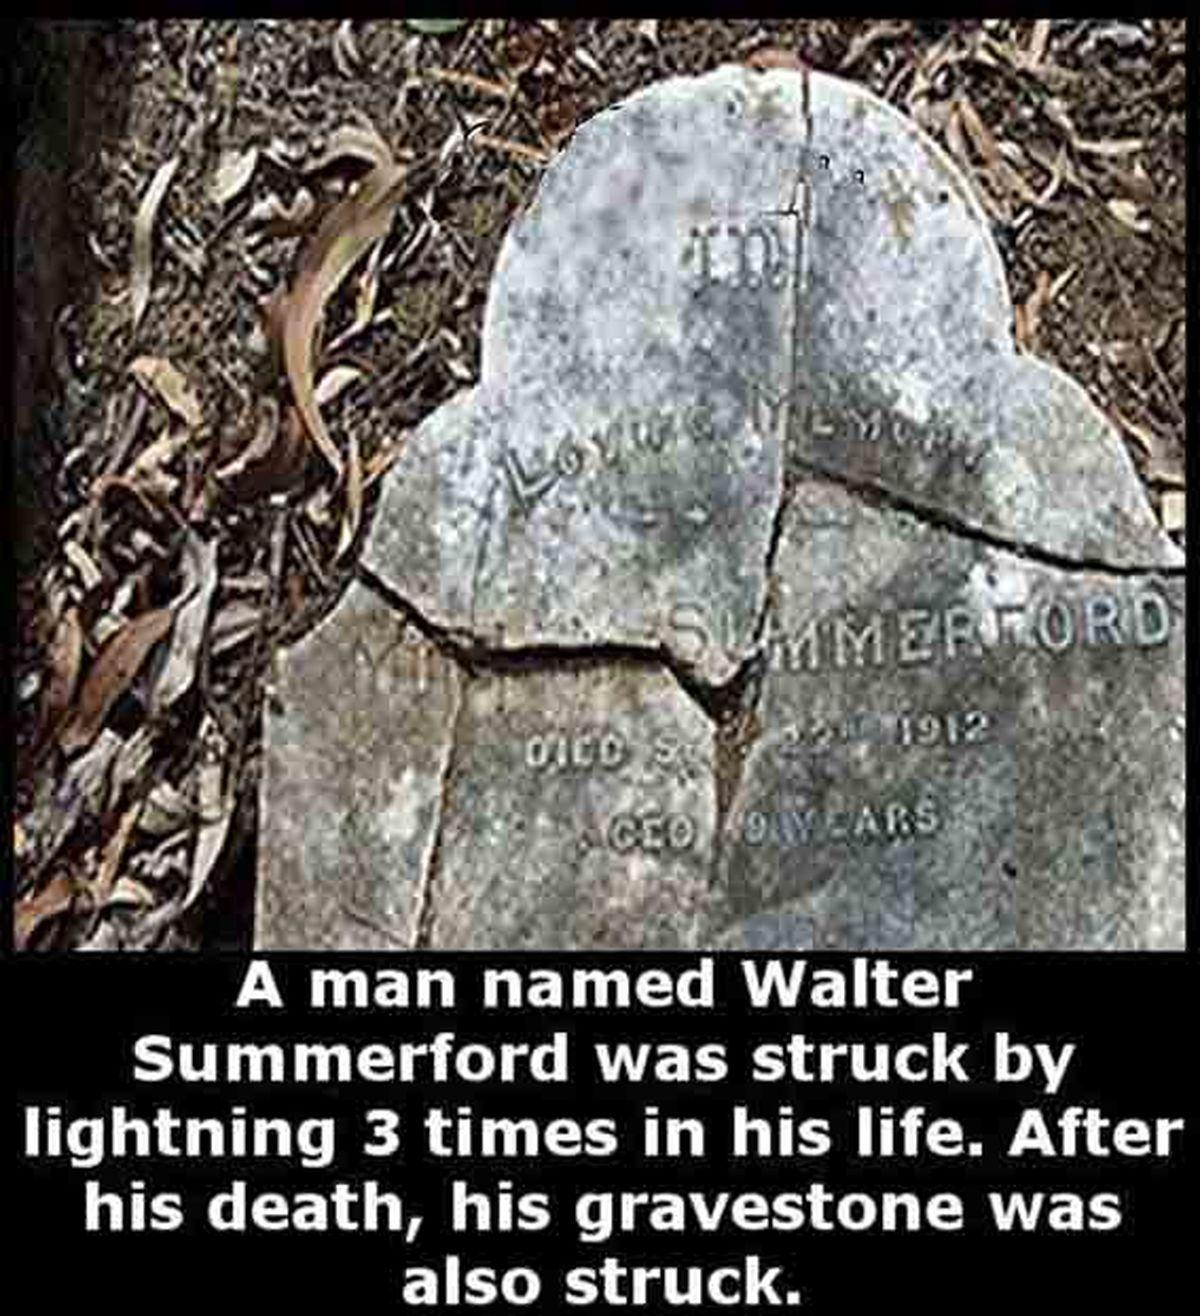 عکس یک سنگ قبر شکسته  و راز عجیب مرده مدفون در آن